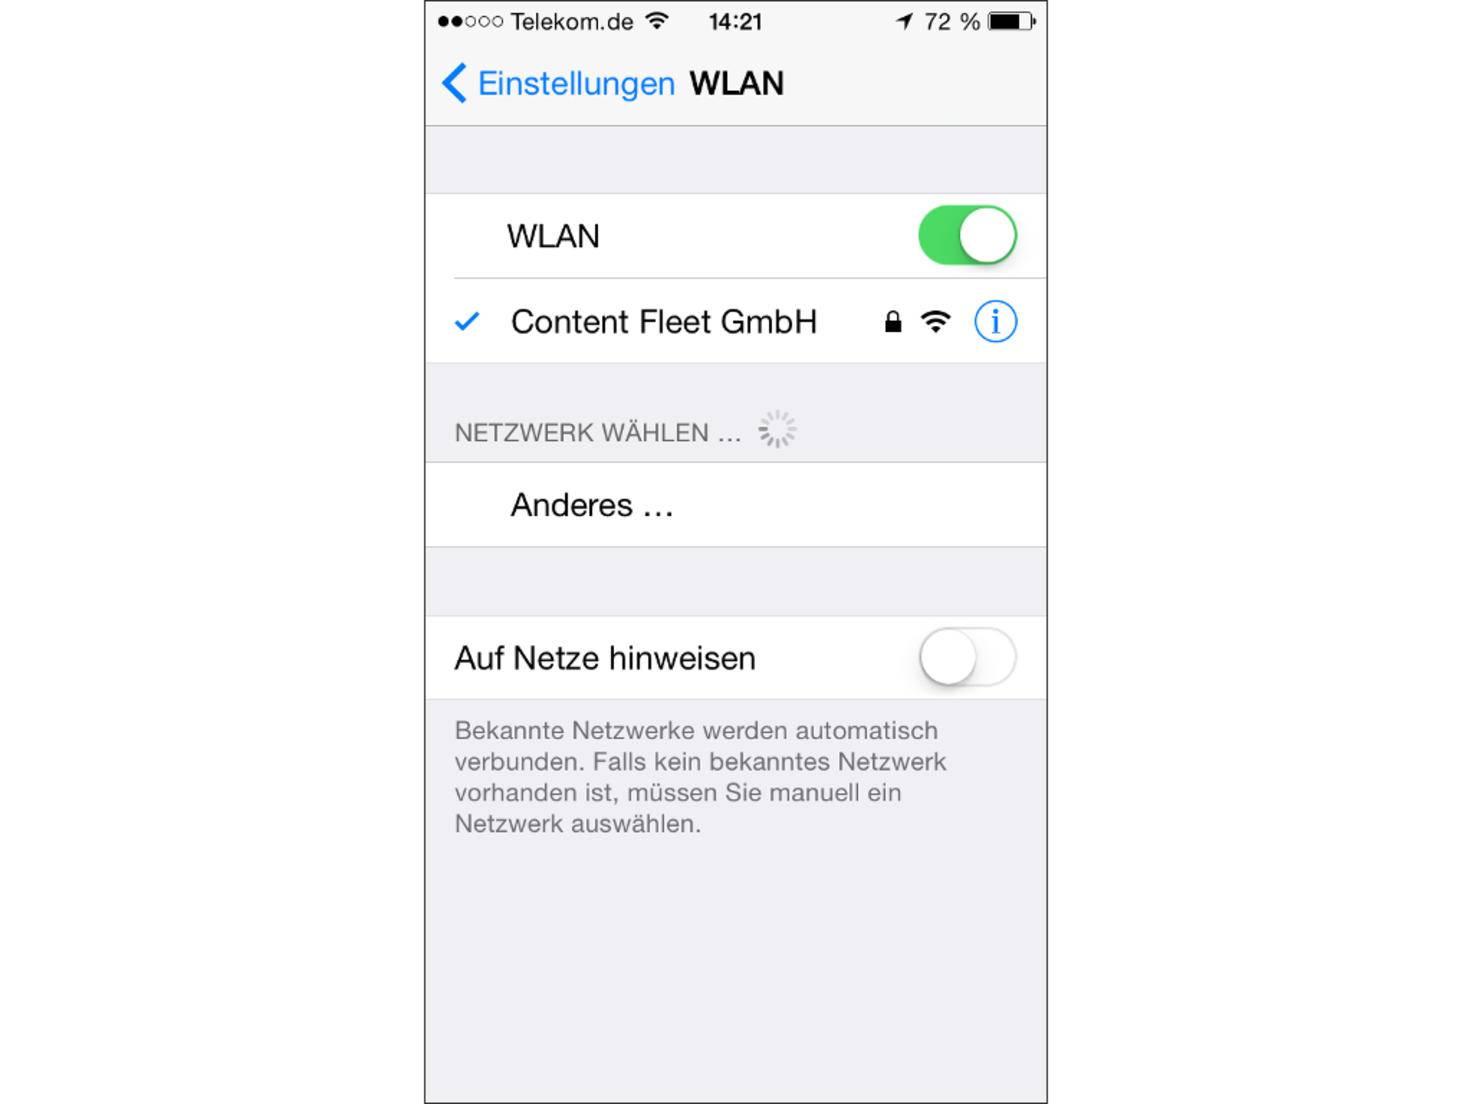 Die automatische Suche nach WLAN-Verbindungen sollte deaktiviert werden.